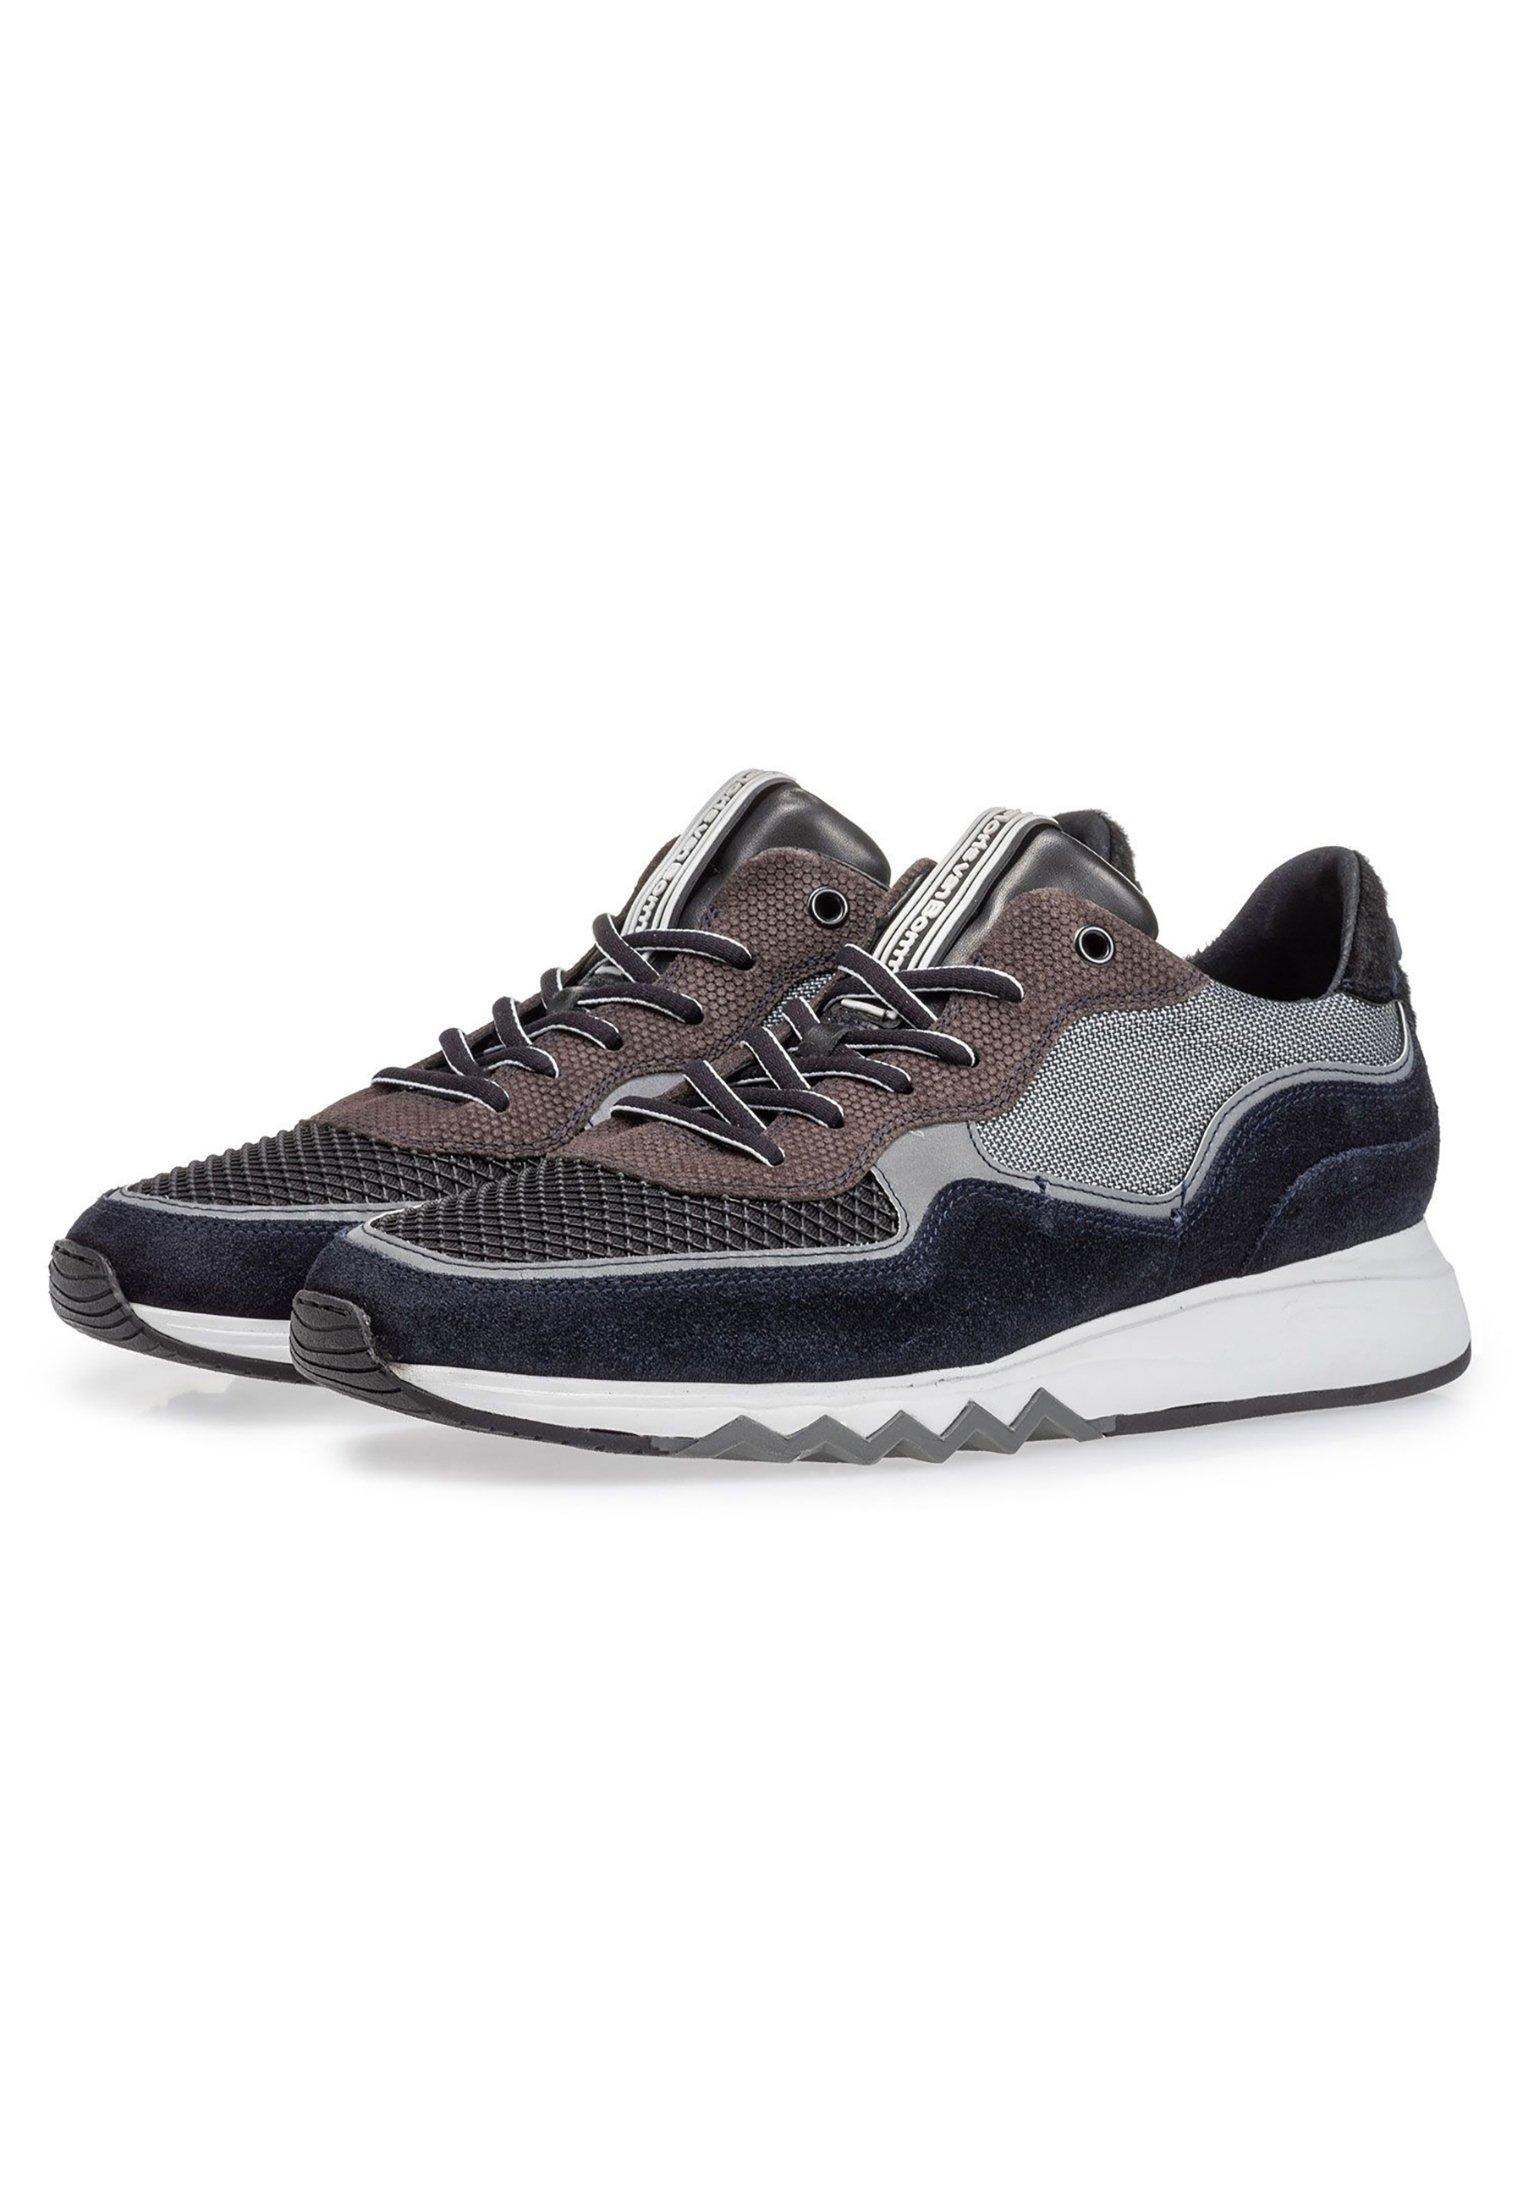 Floris van Bommel Sneaker low - black/schwarz - Herrenschuhe vheKD